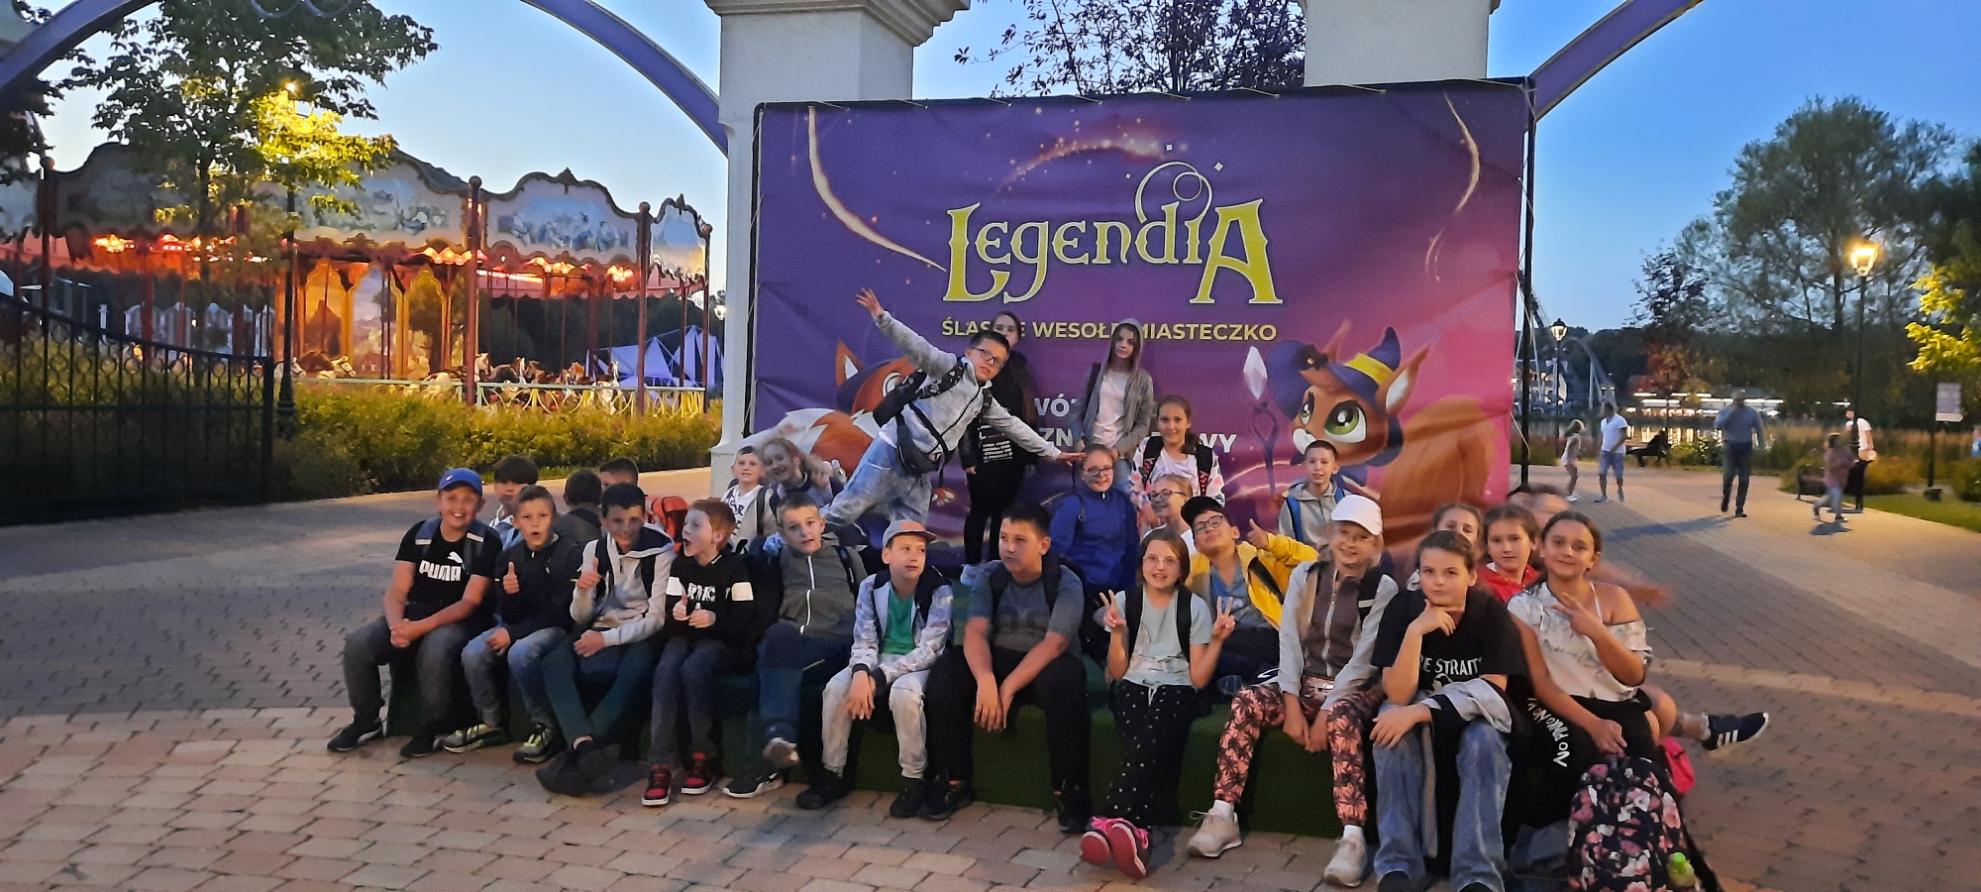 legendia1